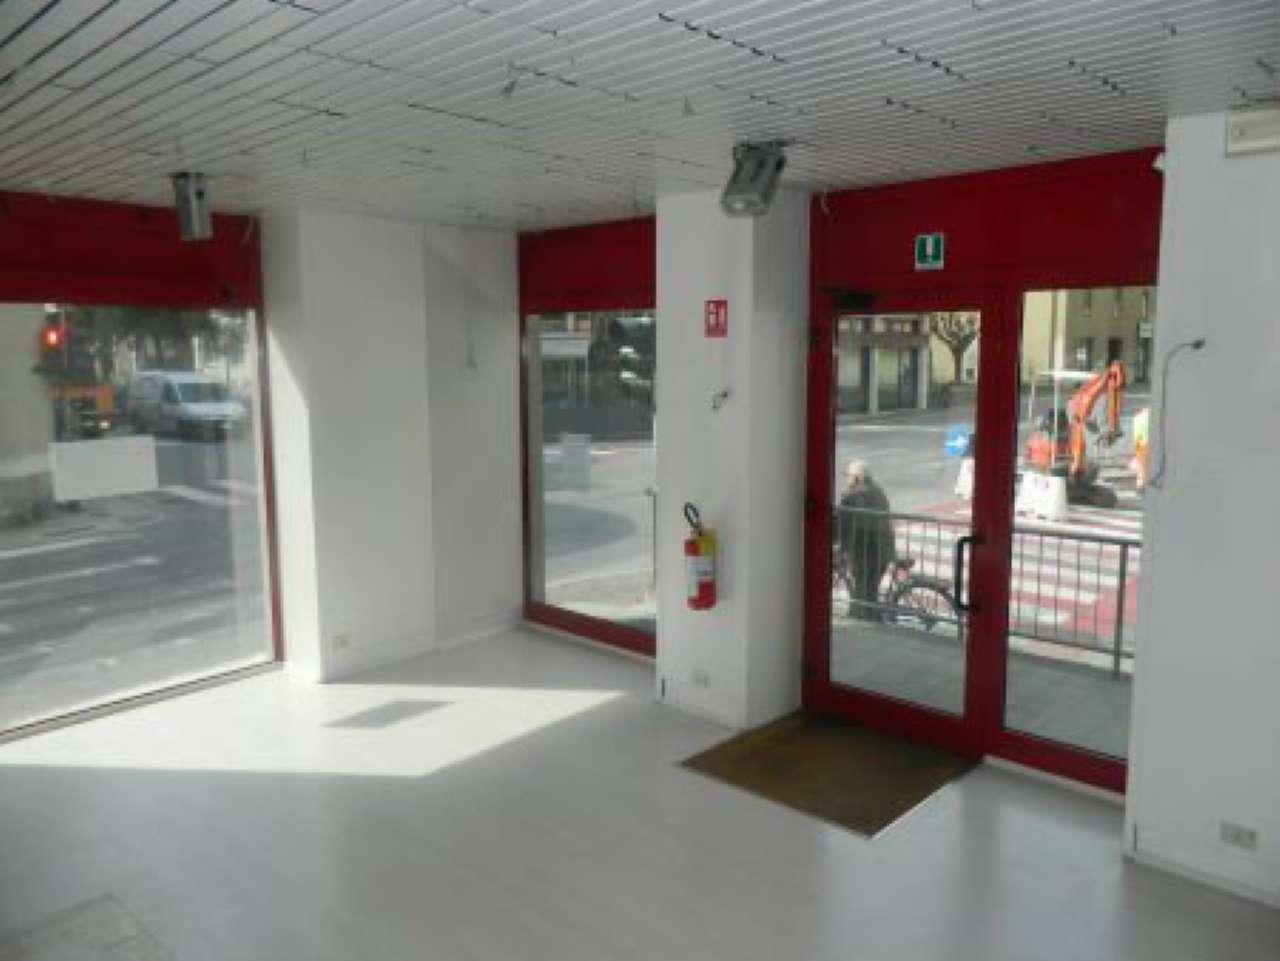 Negozio / Locale in affitto a Sondrio, 2 locali, Trattative riservate | PortaleAgenzieImmobiliari.it